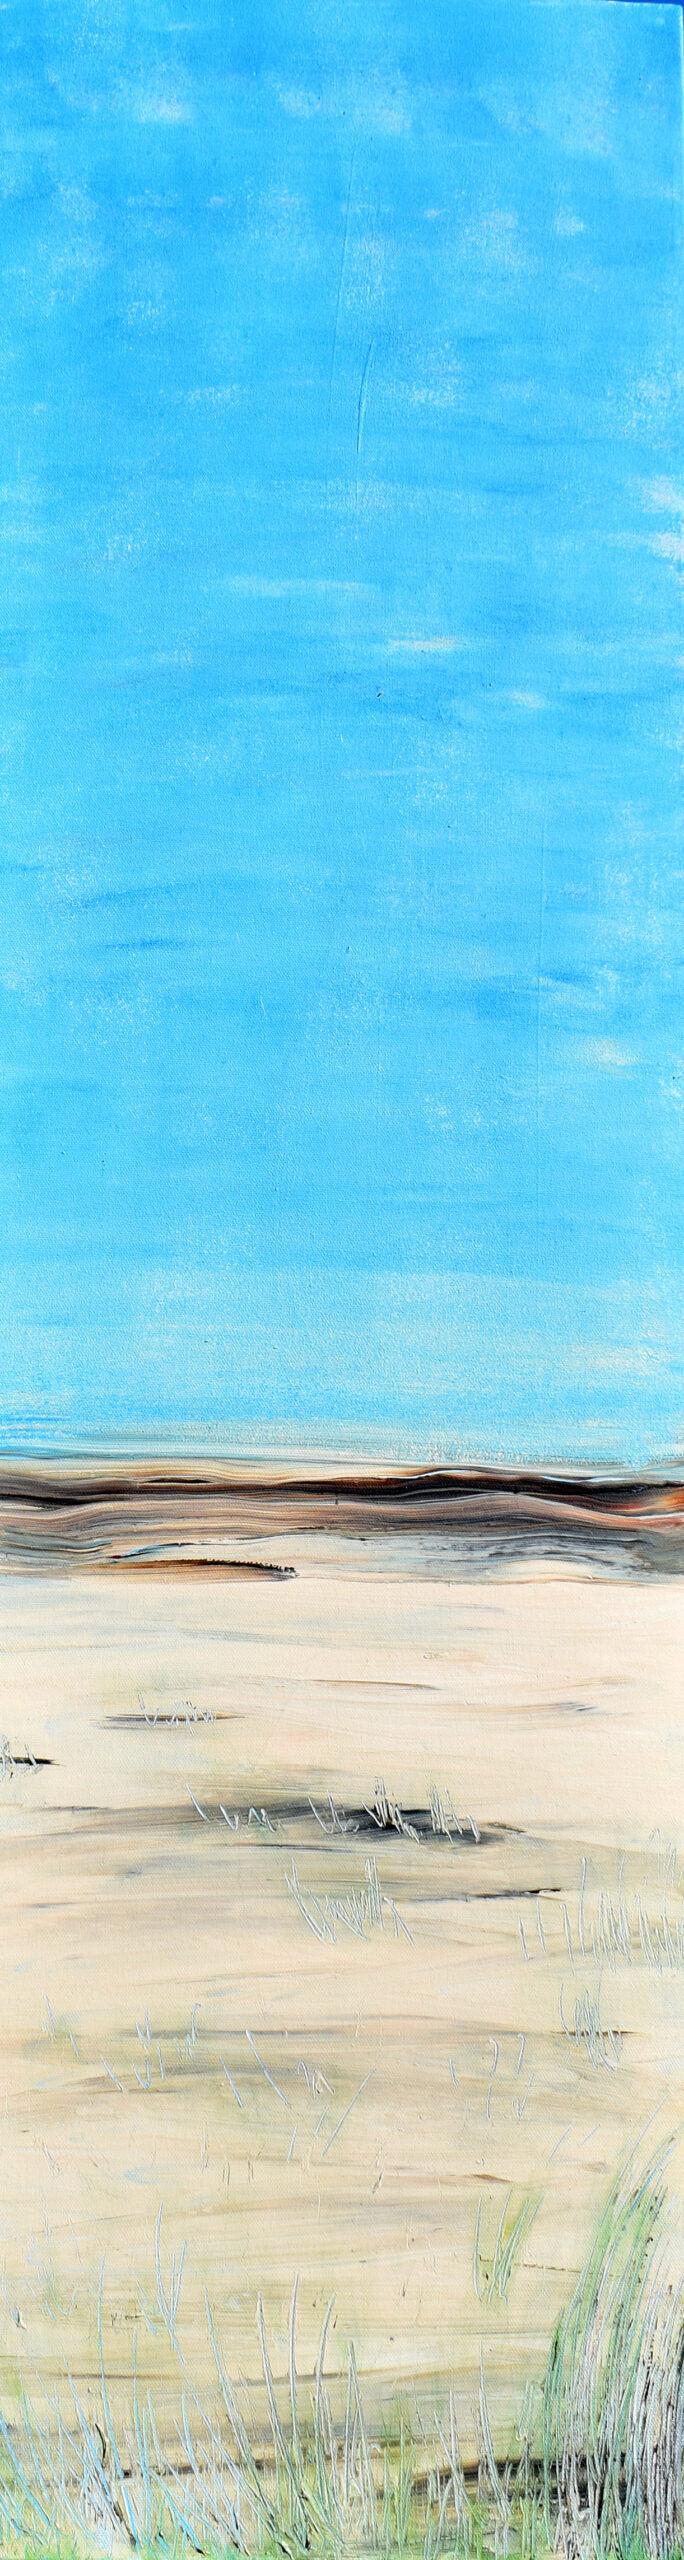 Beach 120 x 35 cm